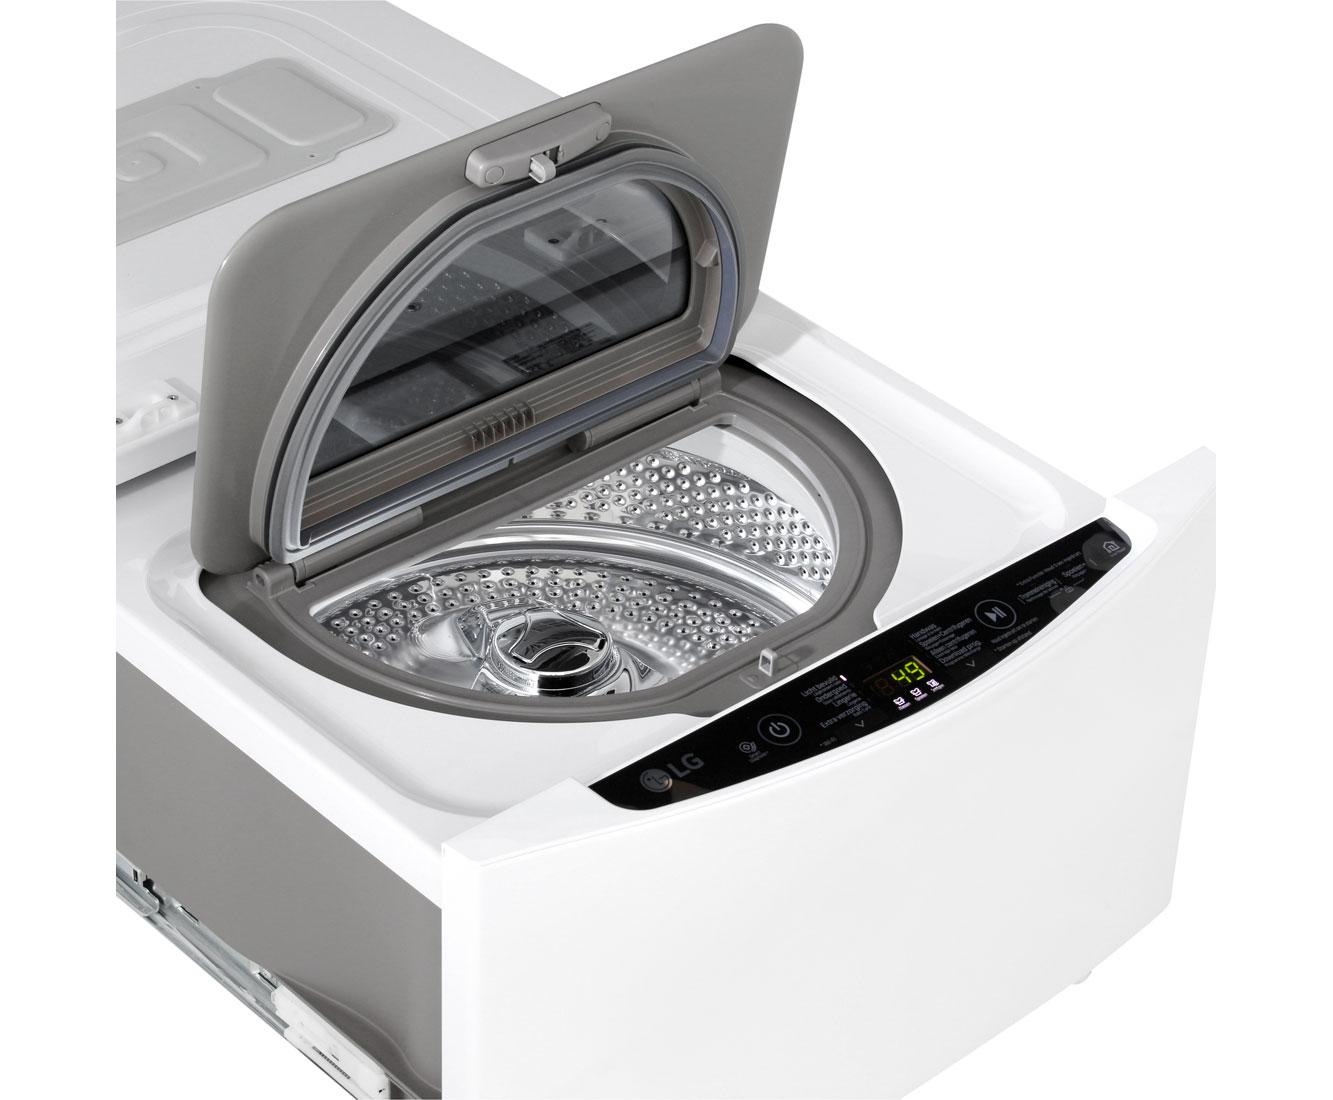 LG Mini Wasmachine FH8G1MIN - Sterkwitgoed e7350874e3f7